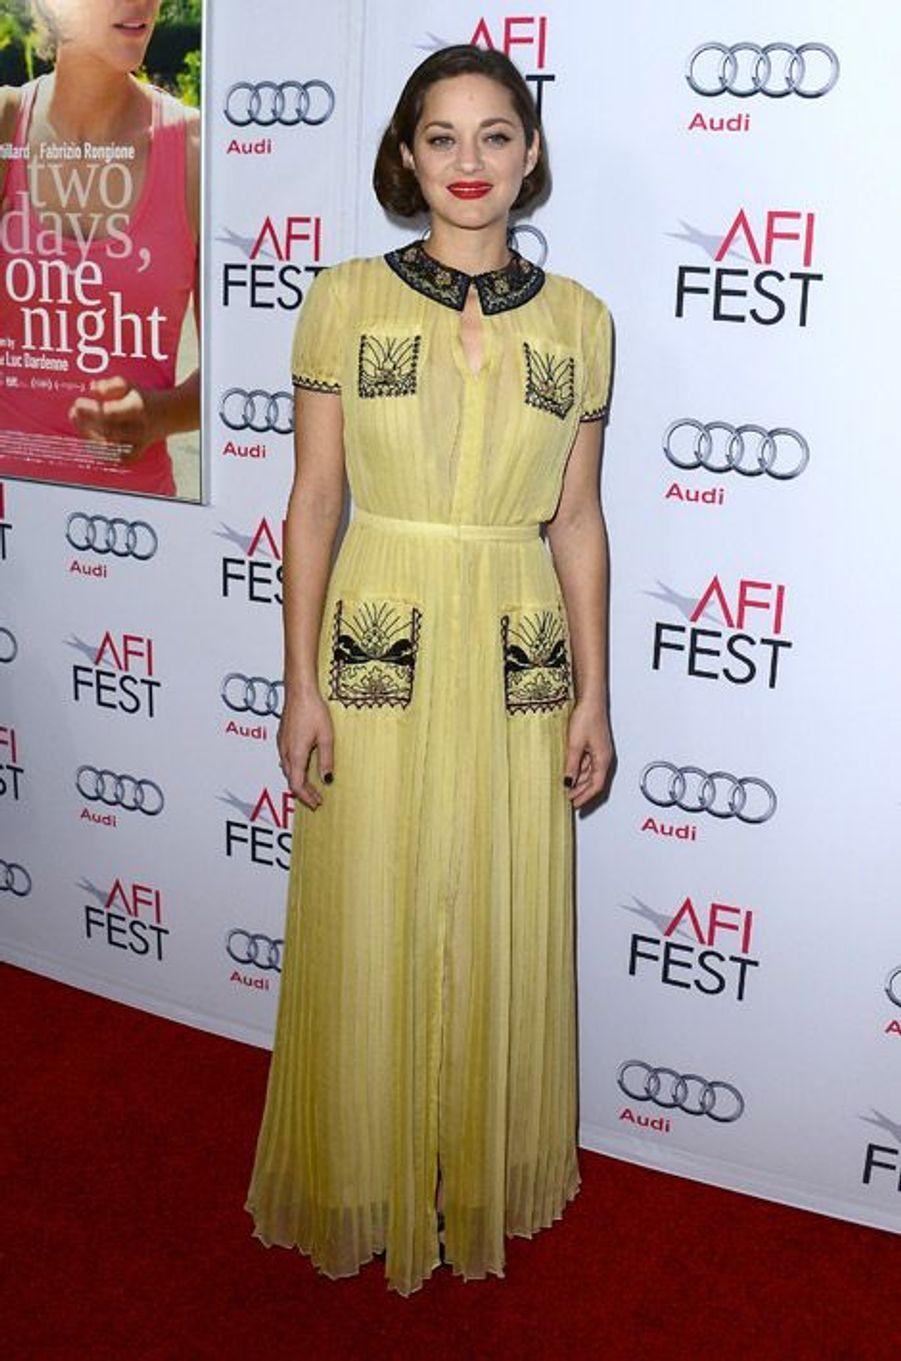 """Marion Cotillard lors de la première de """"Deux jours une nuit"""" à Los Angeles, le 7 novembre 2014"""